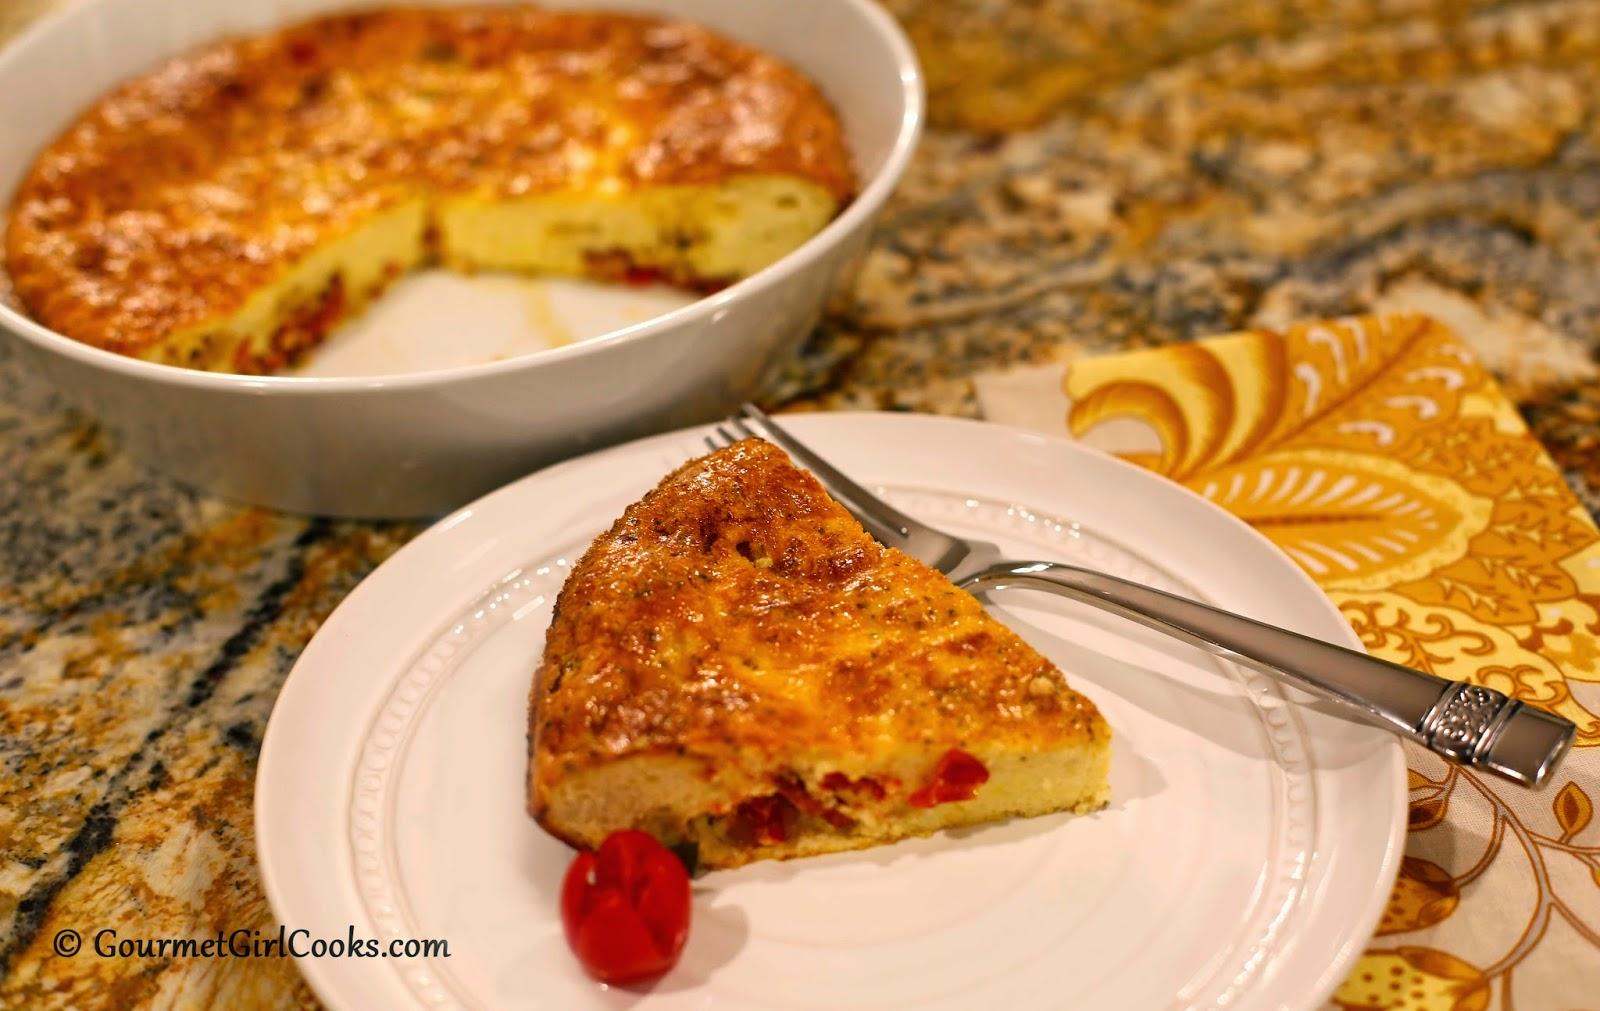 Gourmet Girl Cooks: Crustless Zucchini, Tomato & Onion Pie